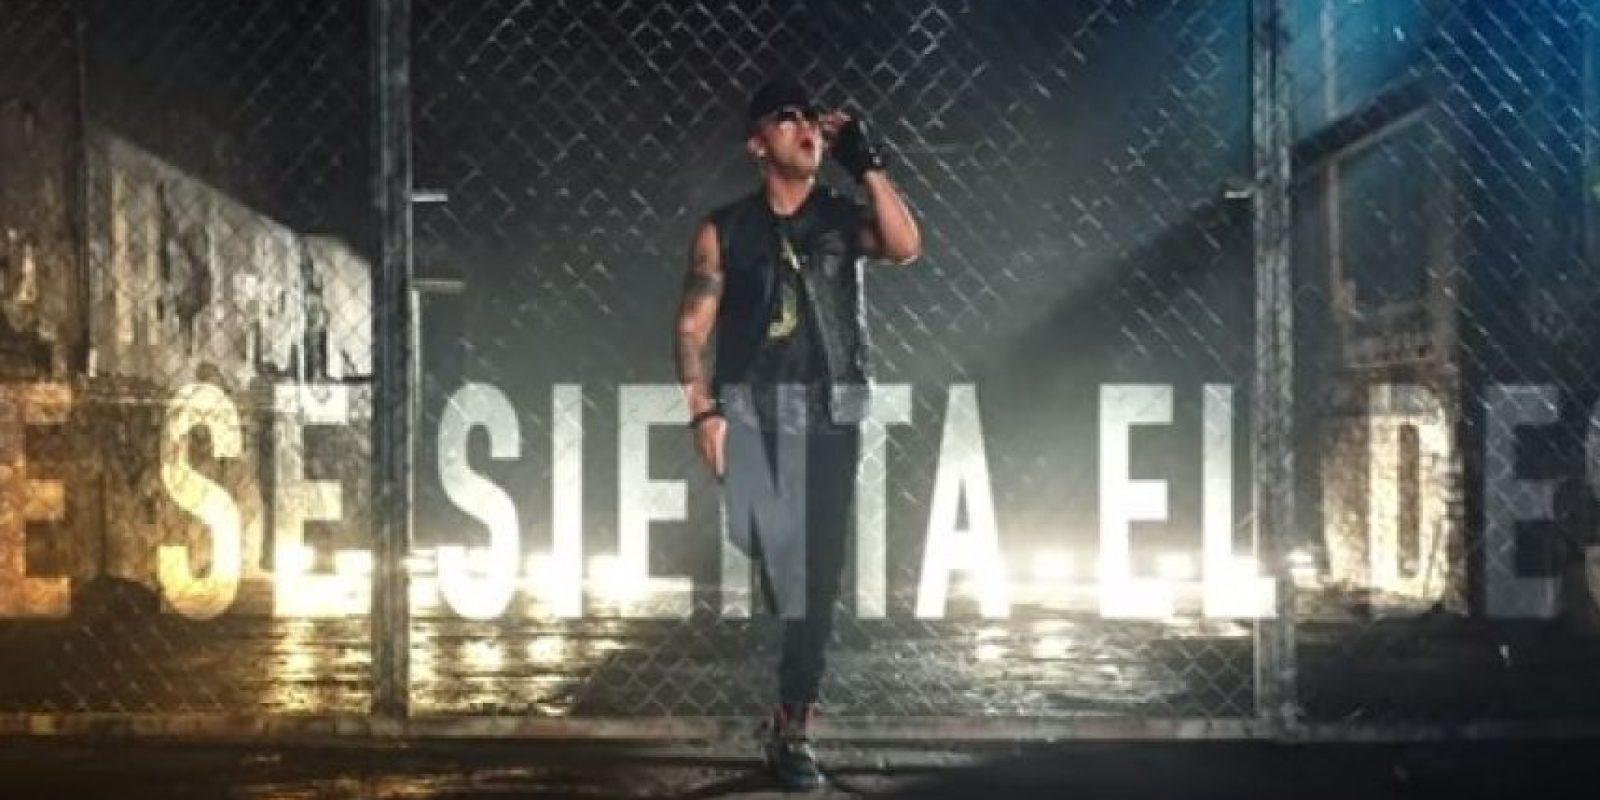 """Ricky Martin y Wisin estrenaron su videoclip """"Que se sienta el deseo"""" Foto:YouTube/WisinofficialVEVO"""